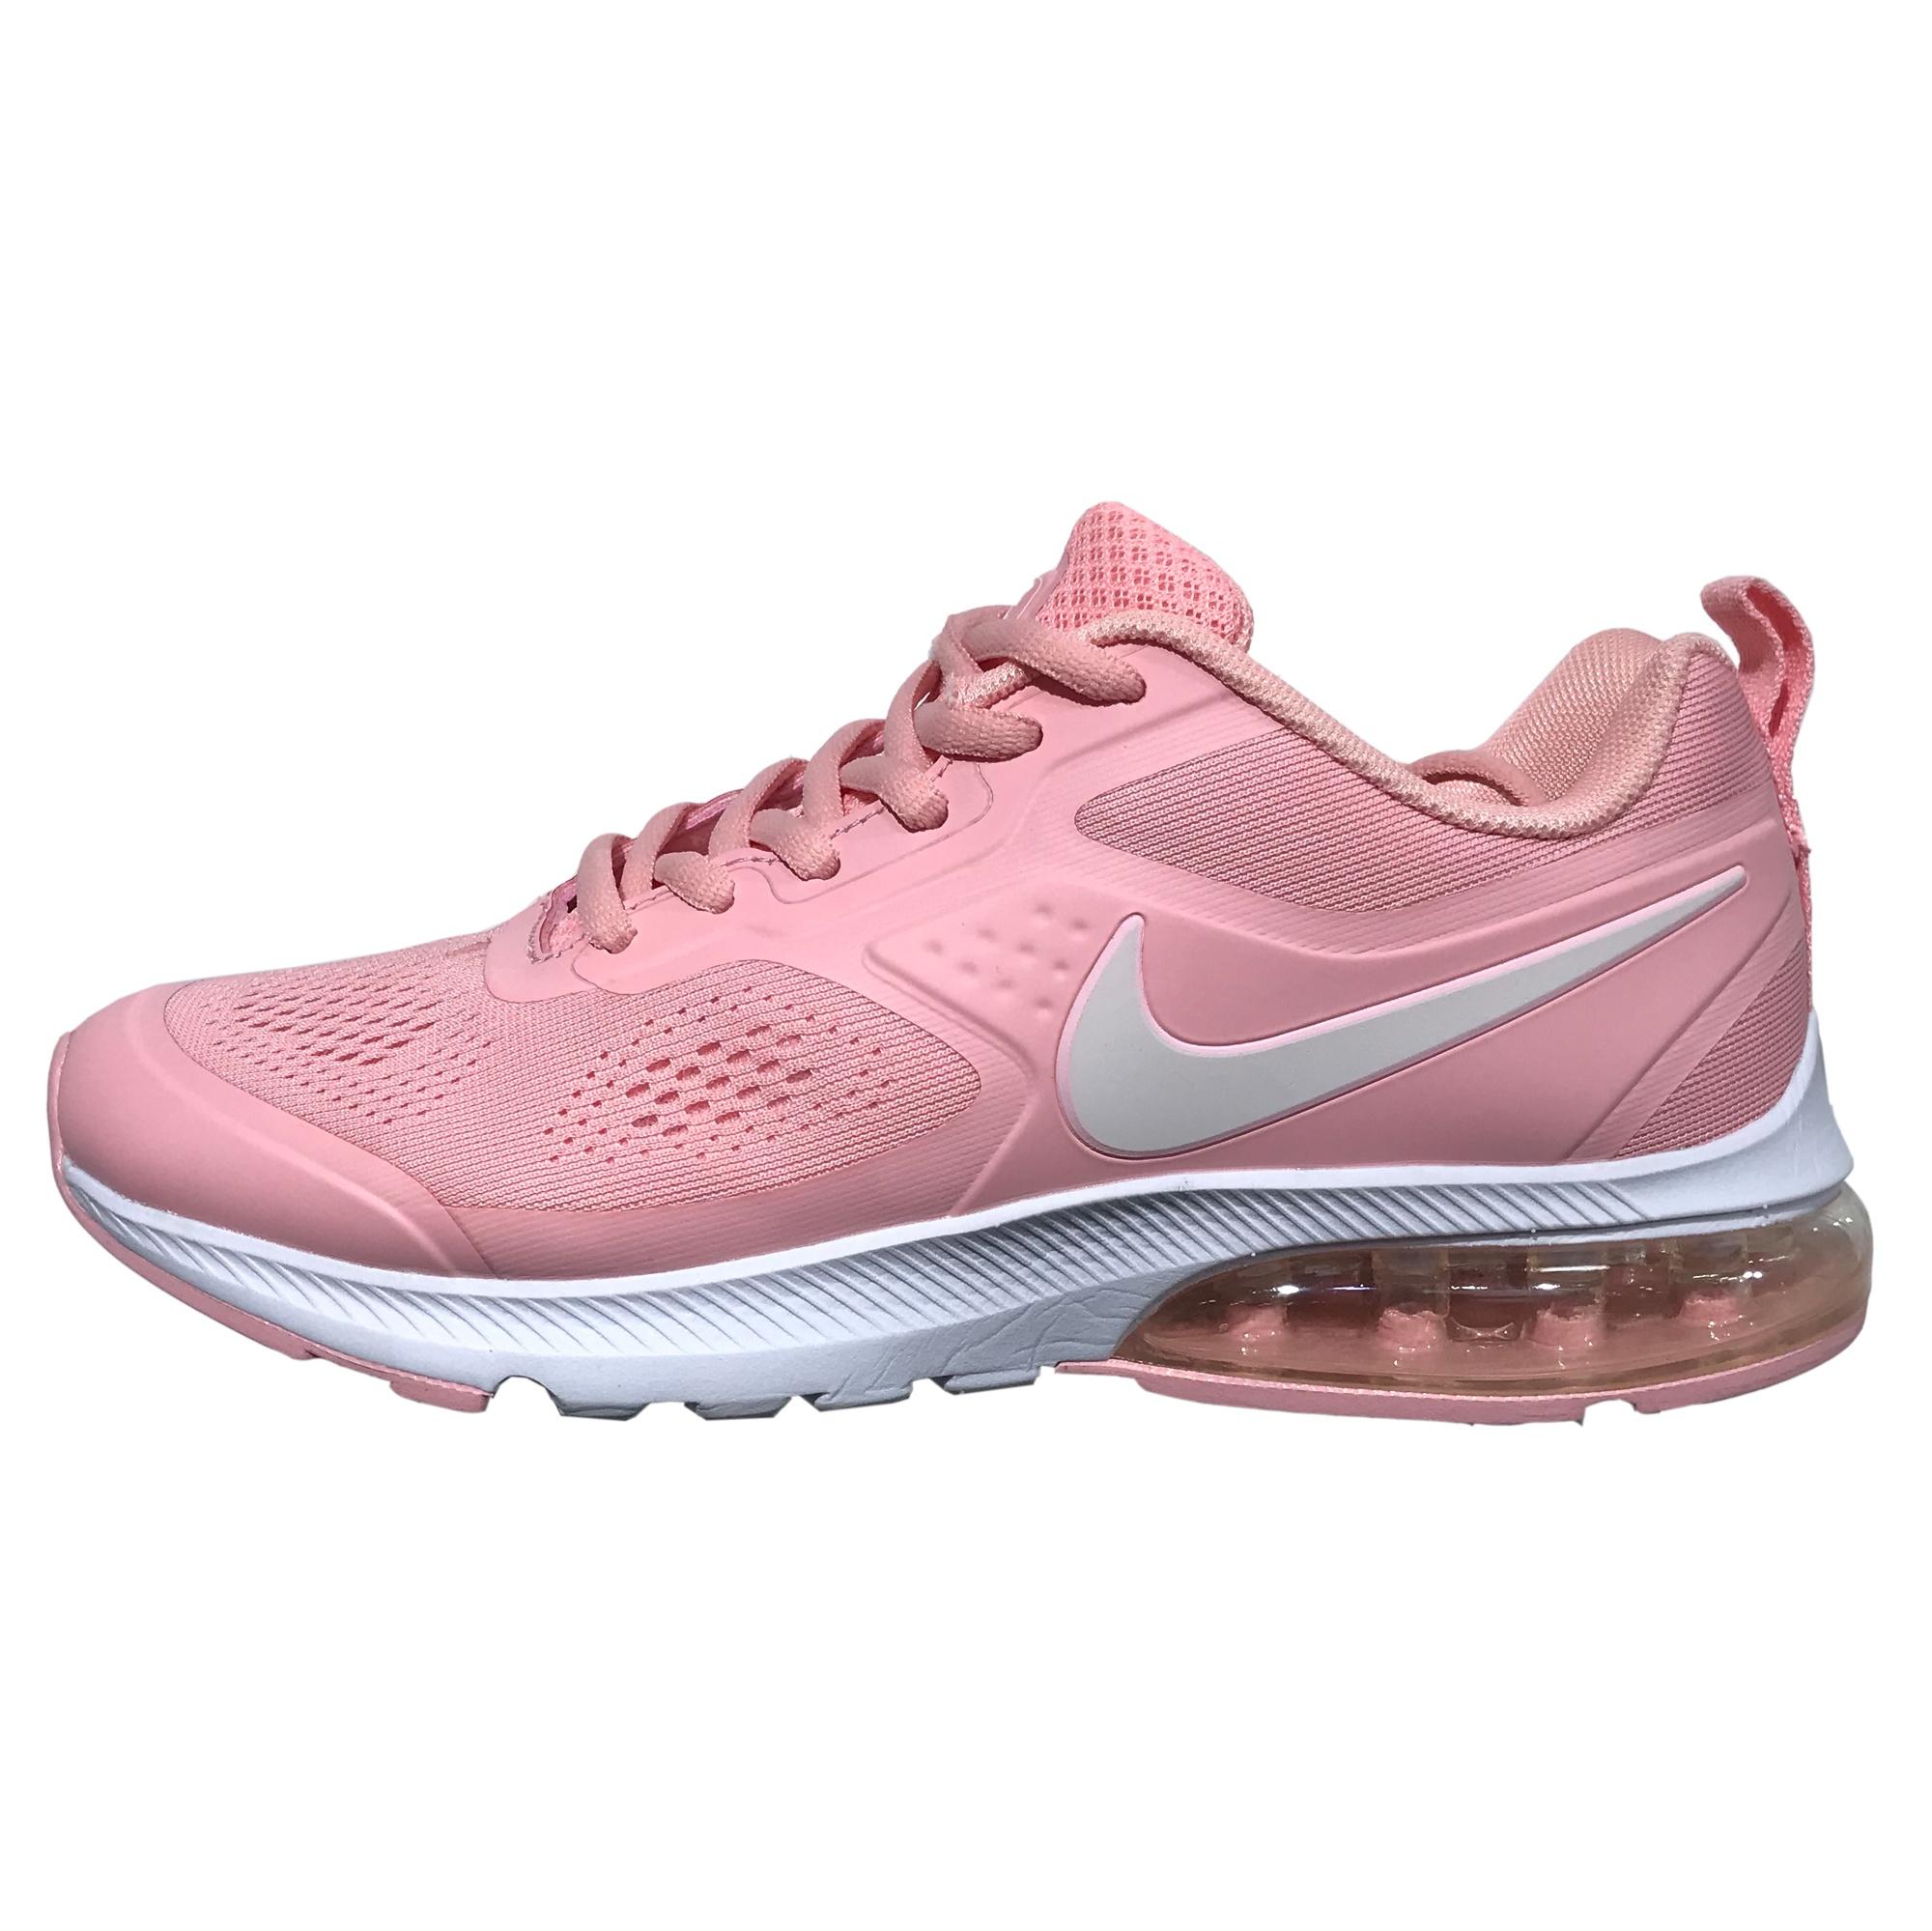 کفش راحتی زنانه مدل Air Max کد 036